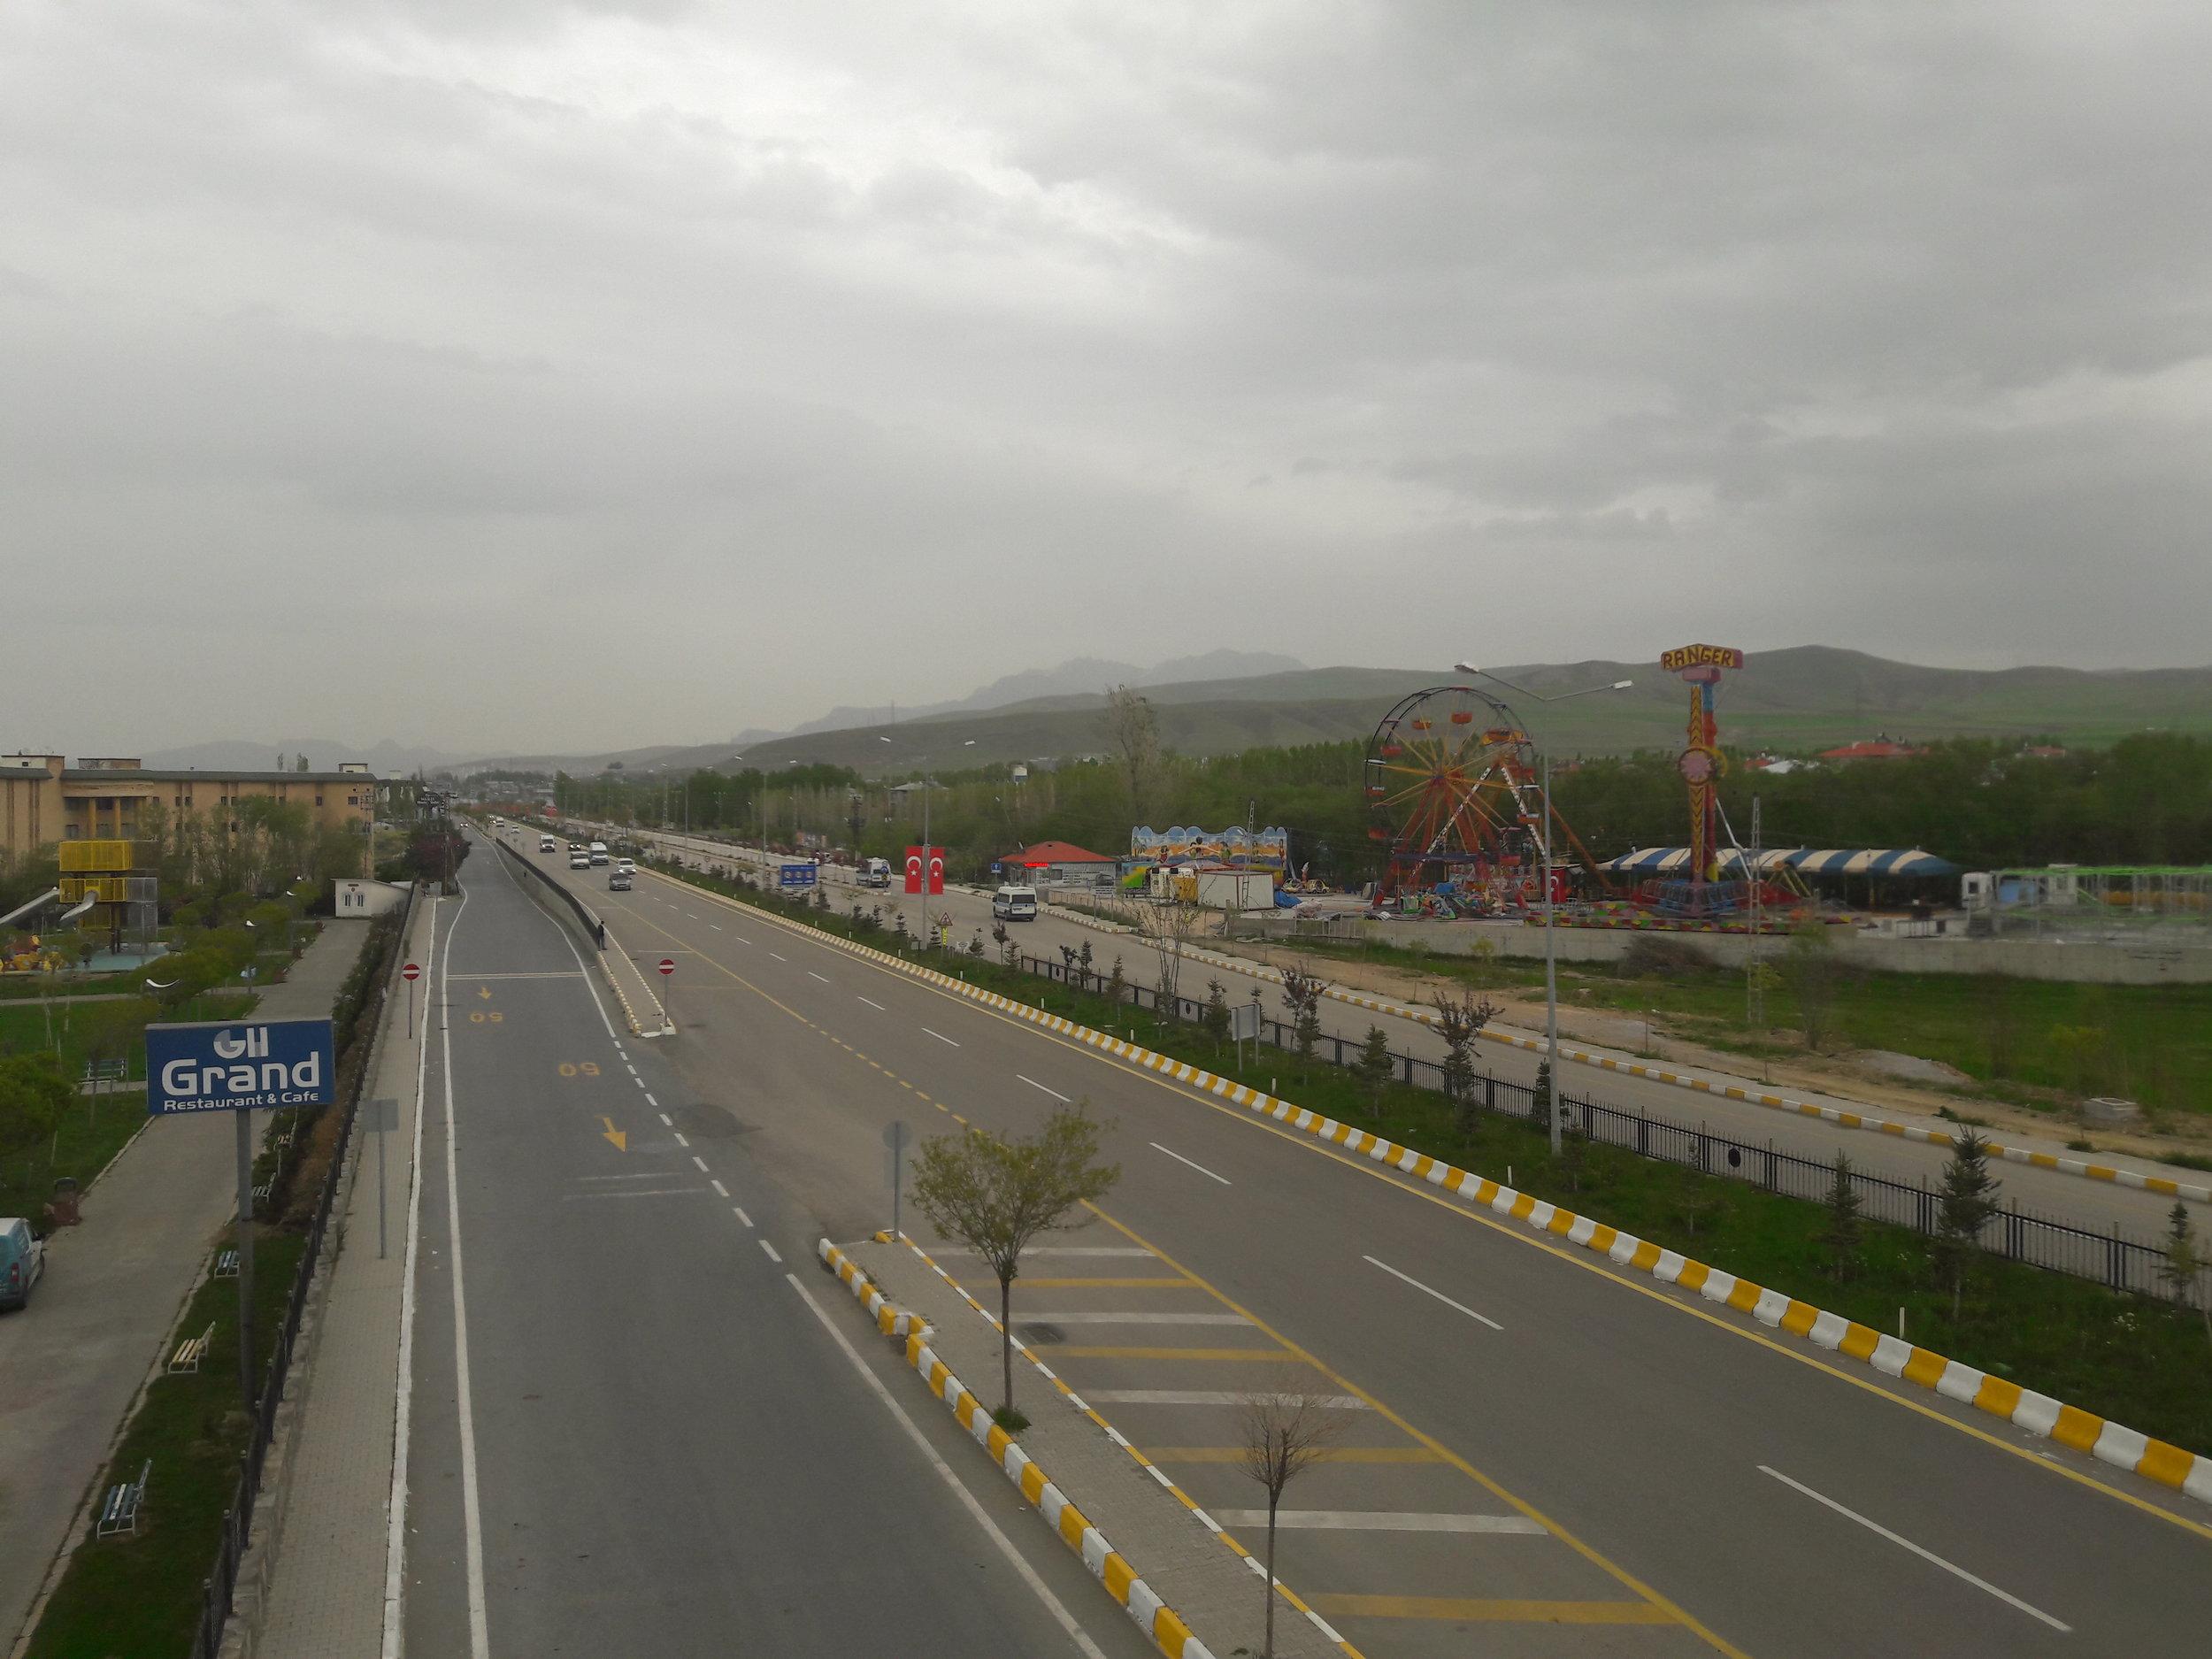 Město Van leží nedaleko íránských hranic a z dopravního hlediska nic zajímavého, snad až na železniční trajekt přes stejnojmenné jezero, nenabízí. Dočká se jednou i tato magistrála směřující do centra trolejbusů? (foto: Vít Hinčica)